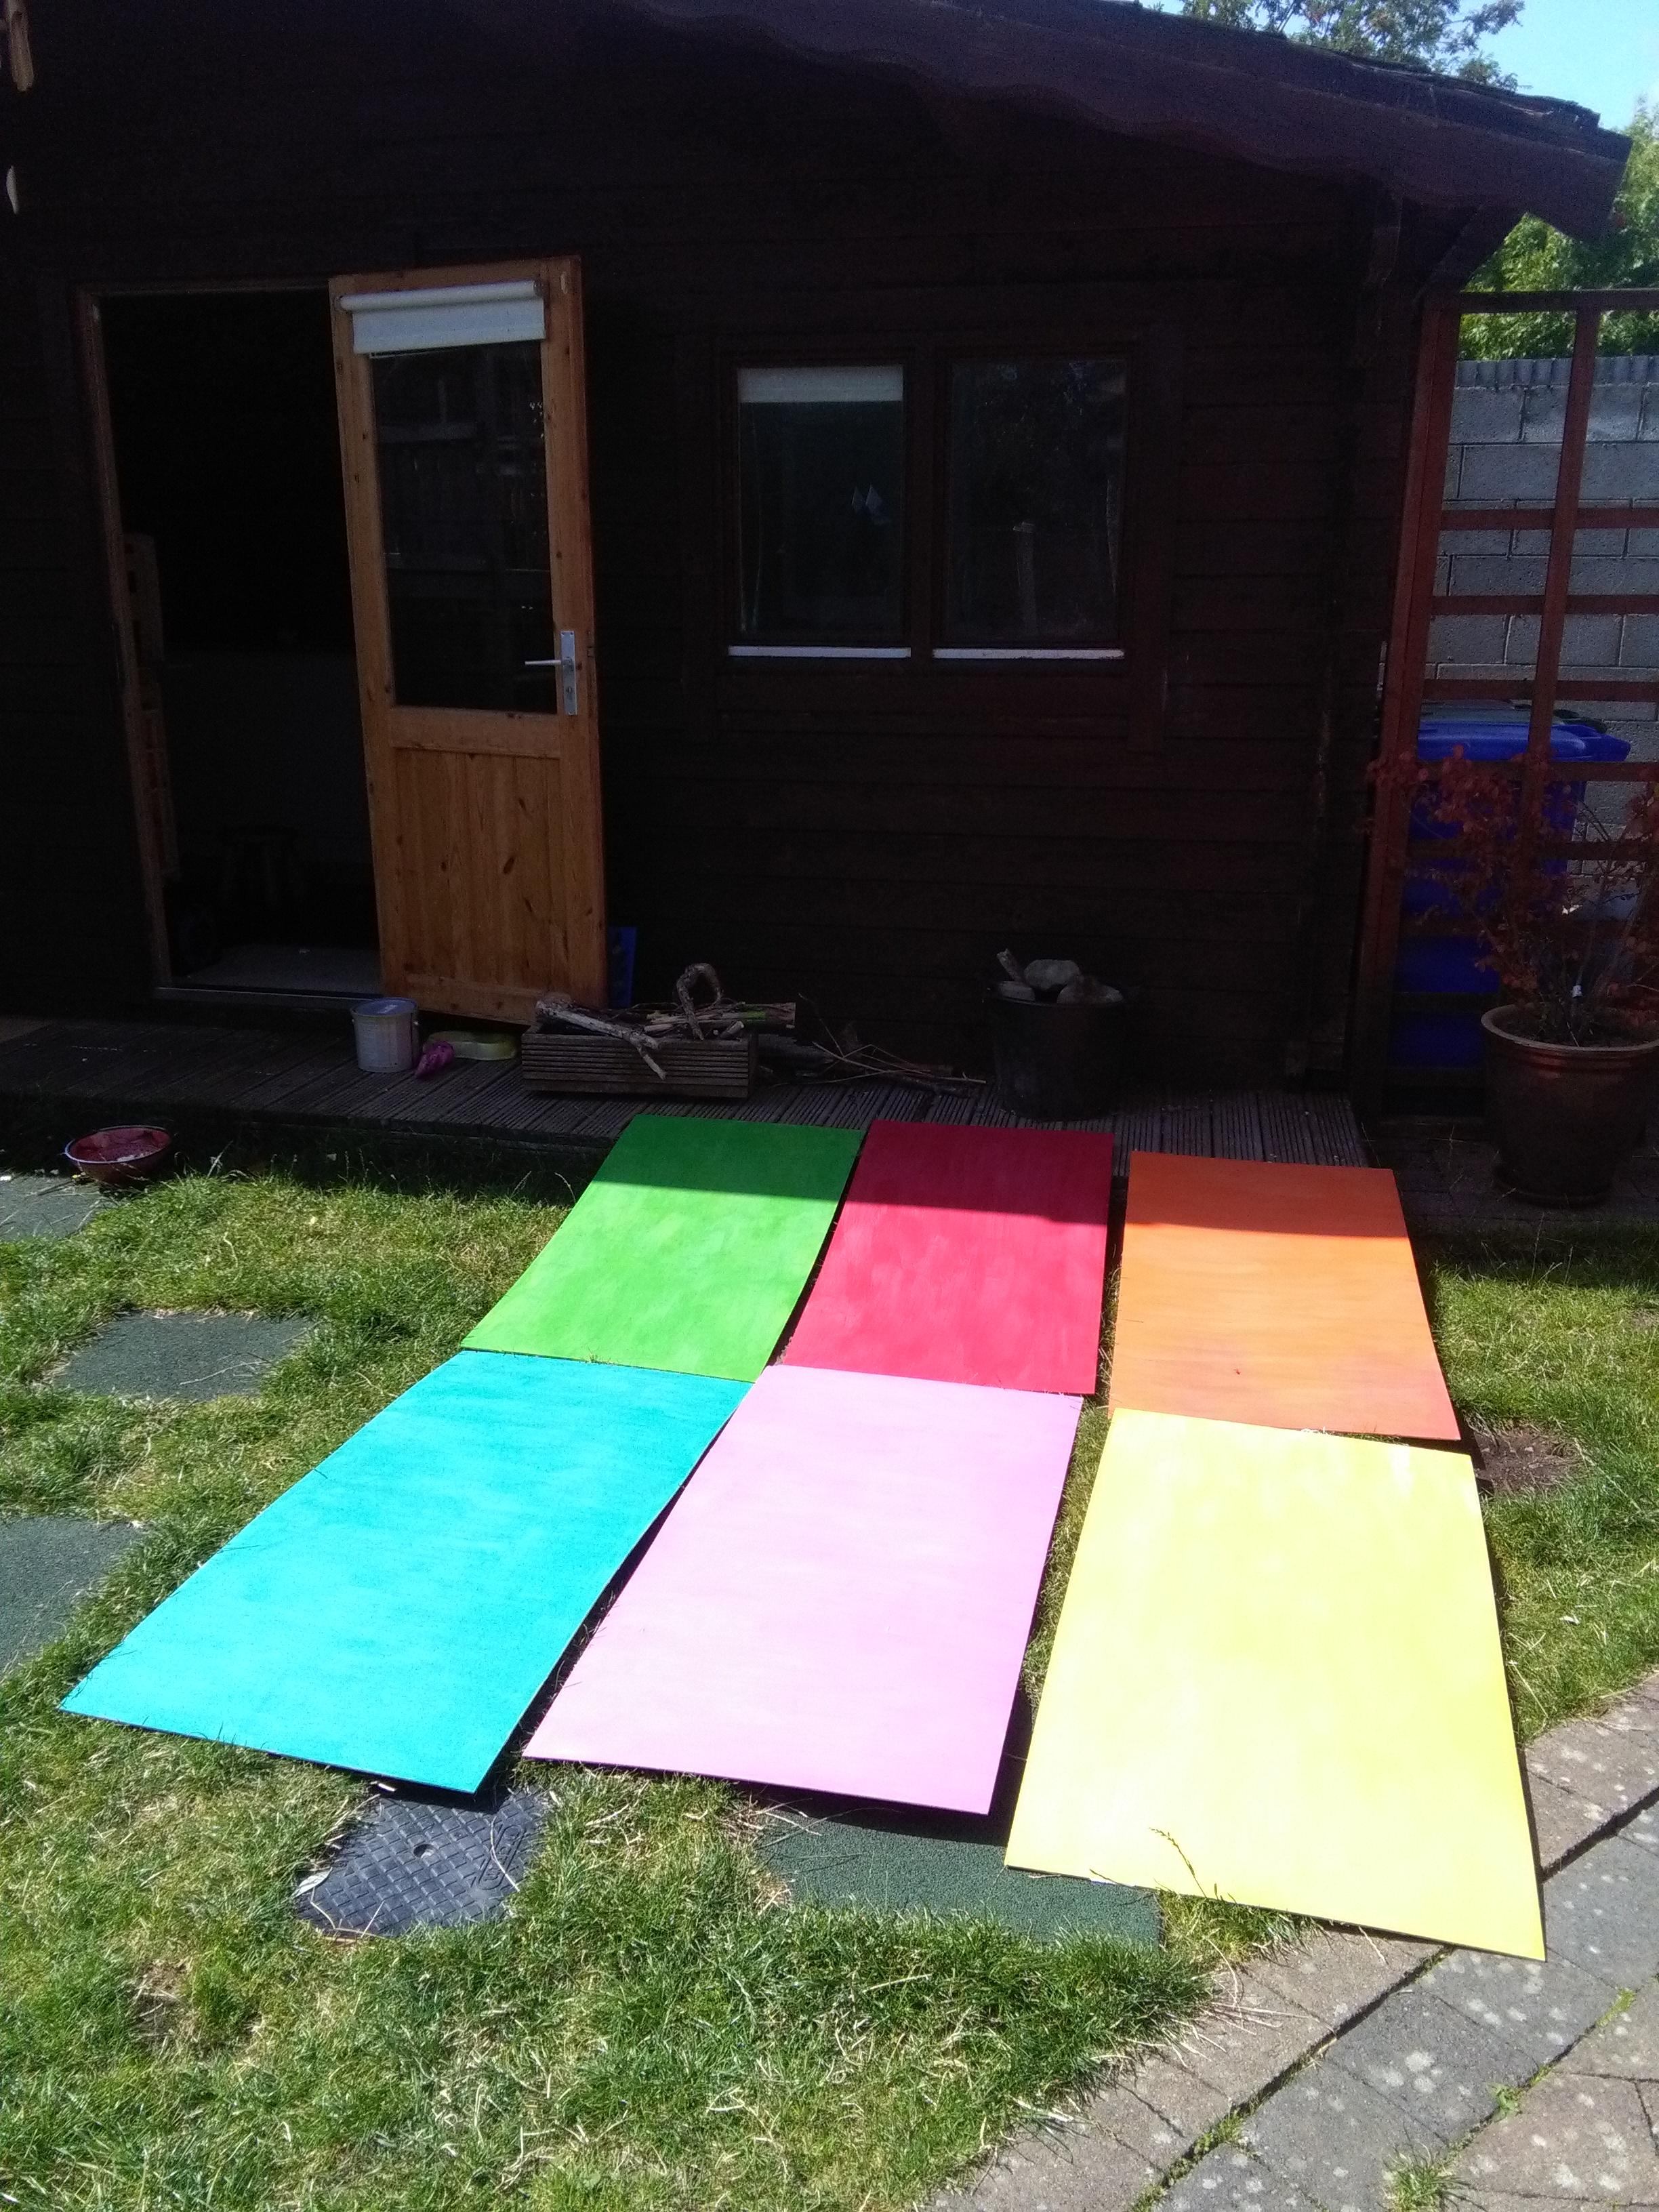 paintedboards.jpg